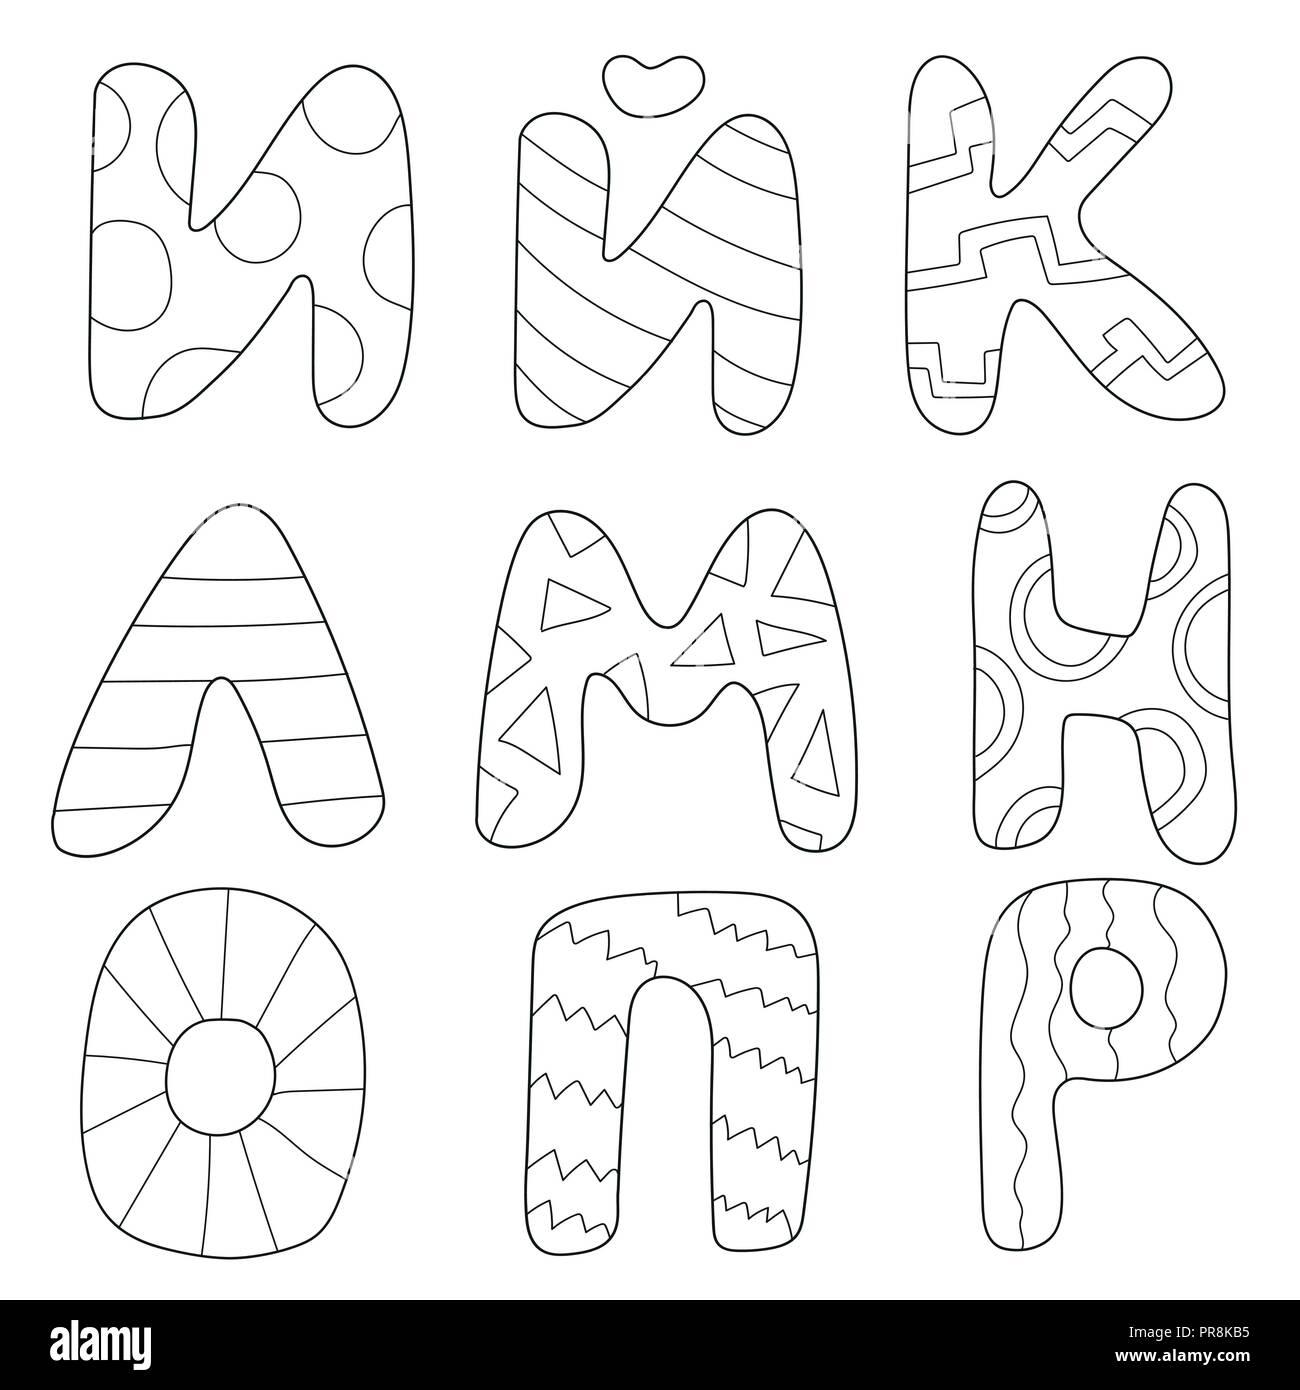 Alfabeto di cartoni animati per i bambini il design for Disegni di cartoni animati